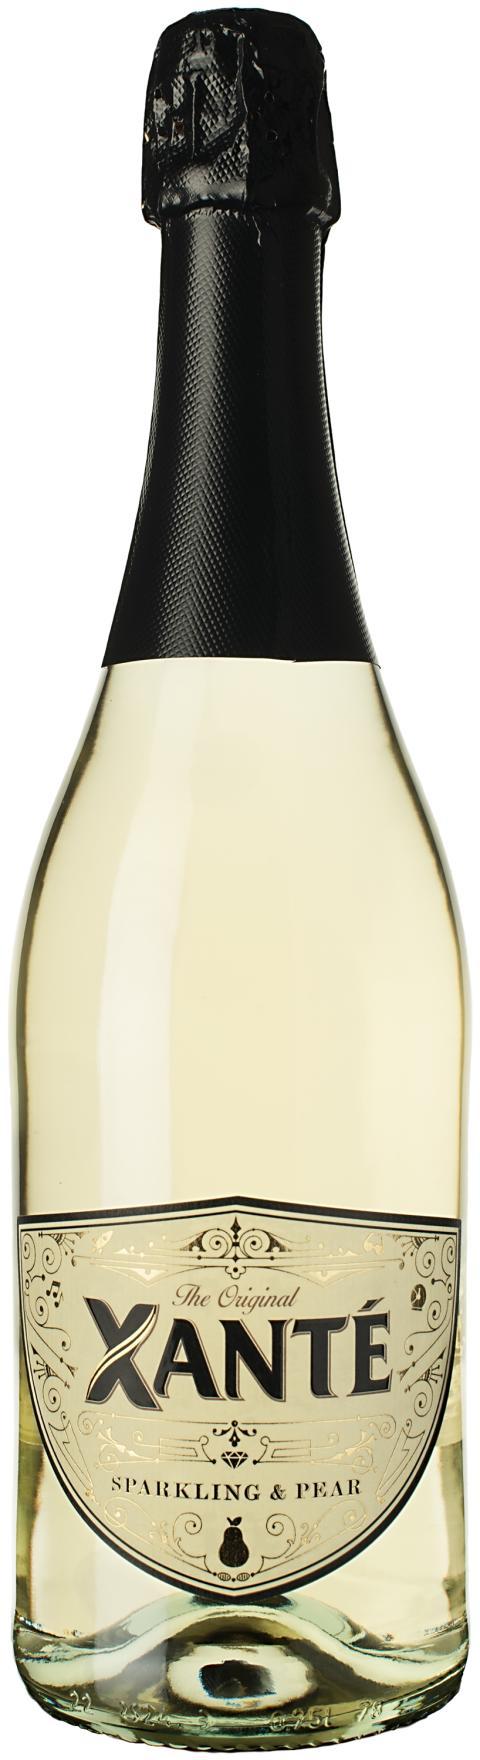 Xanté Sparkling & Pear, flaskbild